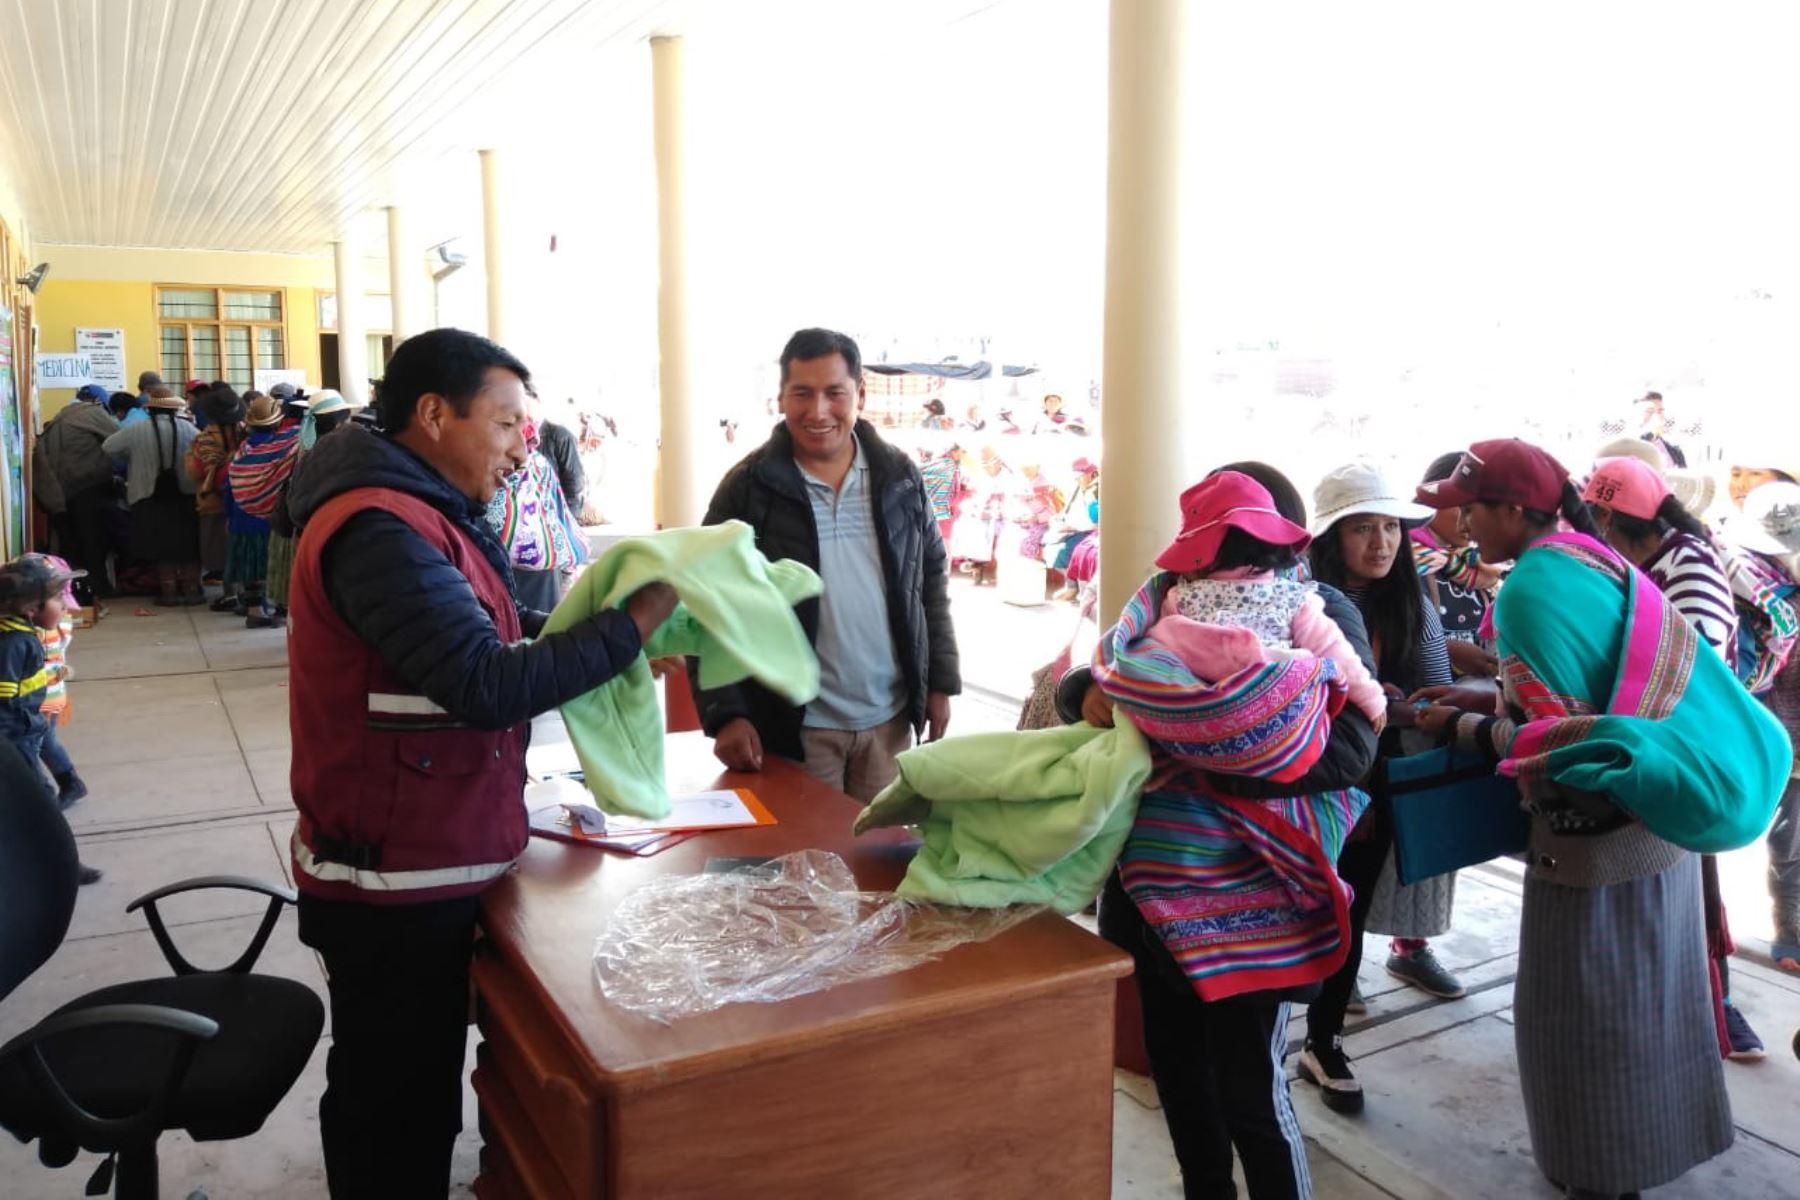 Tambos cuentan con más de 23,000 kits de abrigo para atender posibles emergencia en seis regiones del país. ANDINA/Difusión